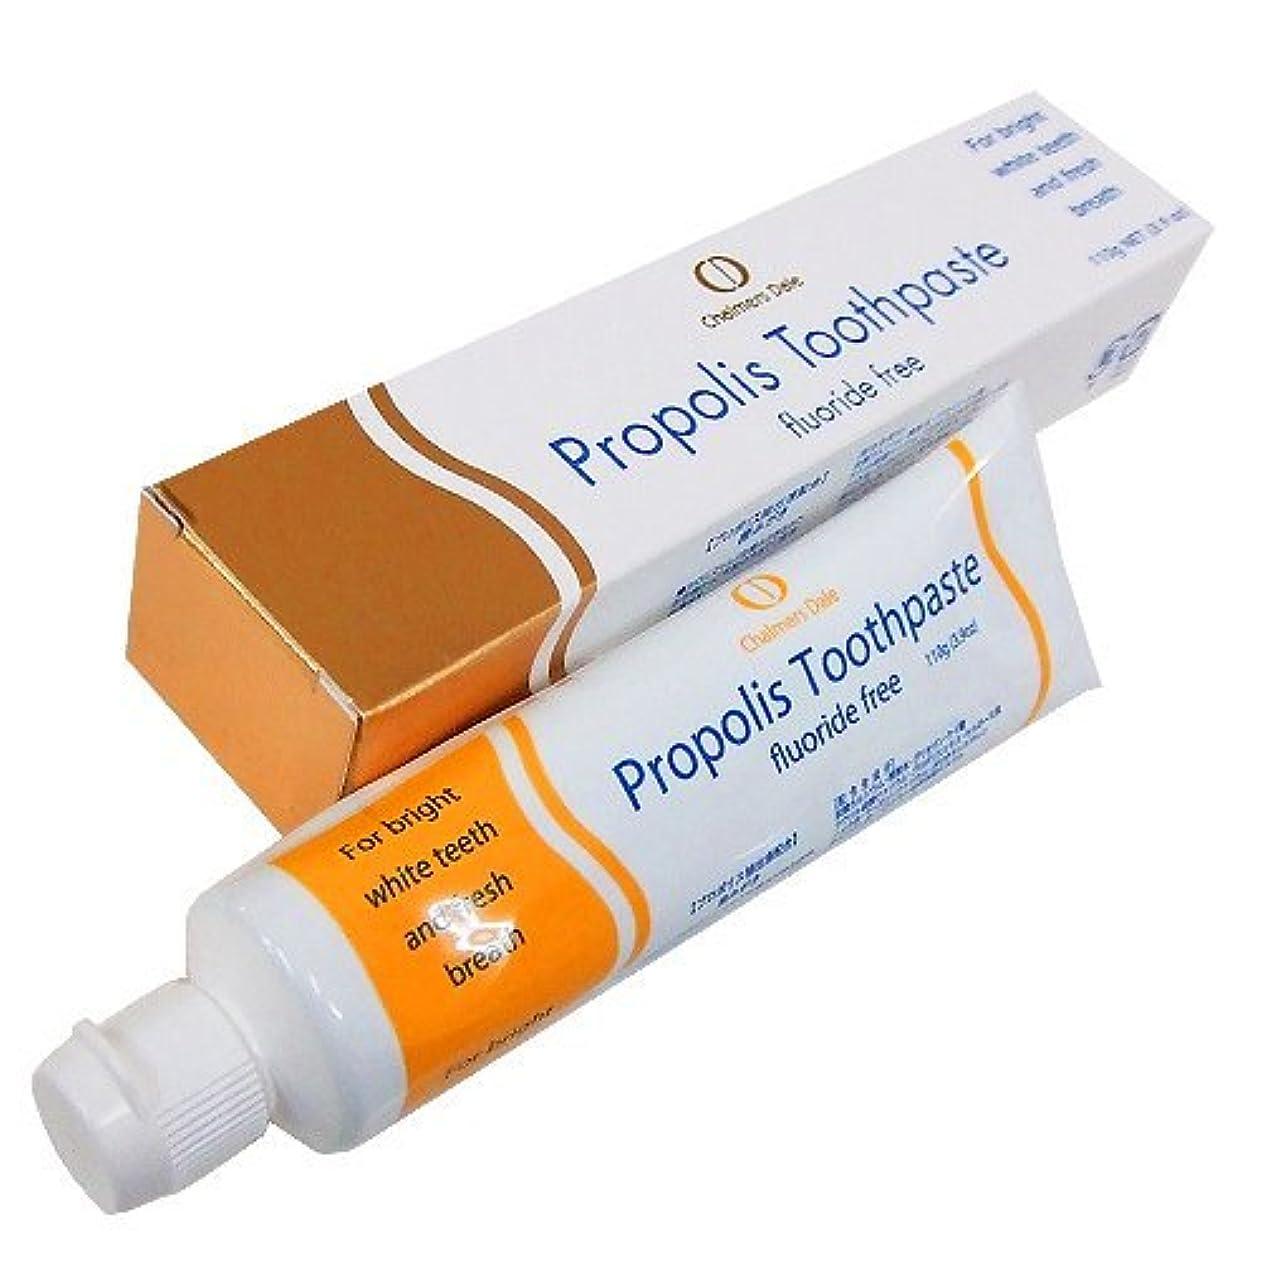 愛人義務的不規則なプロポリス歯磨き 110g フッ素は配合していません